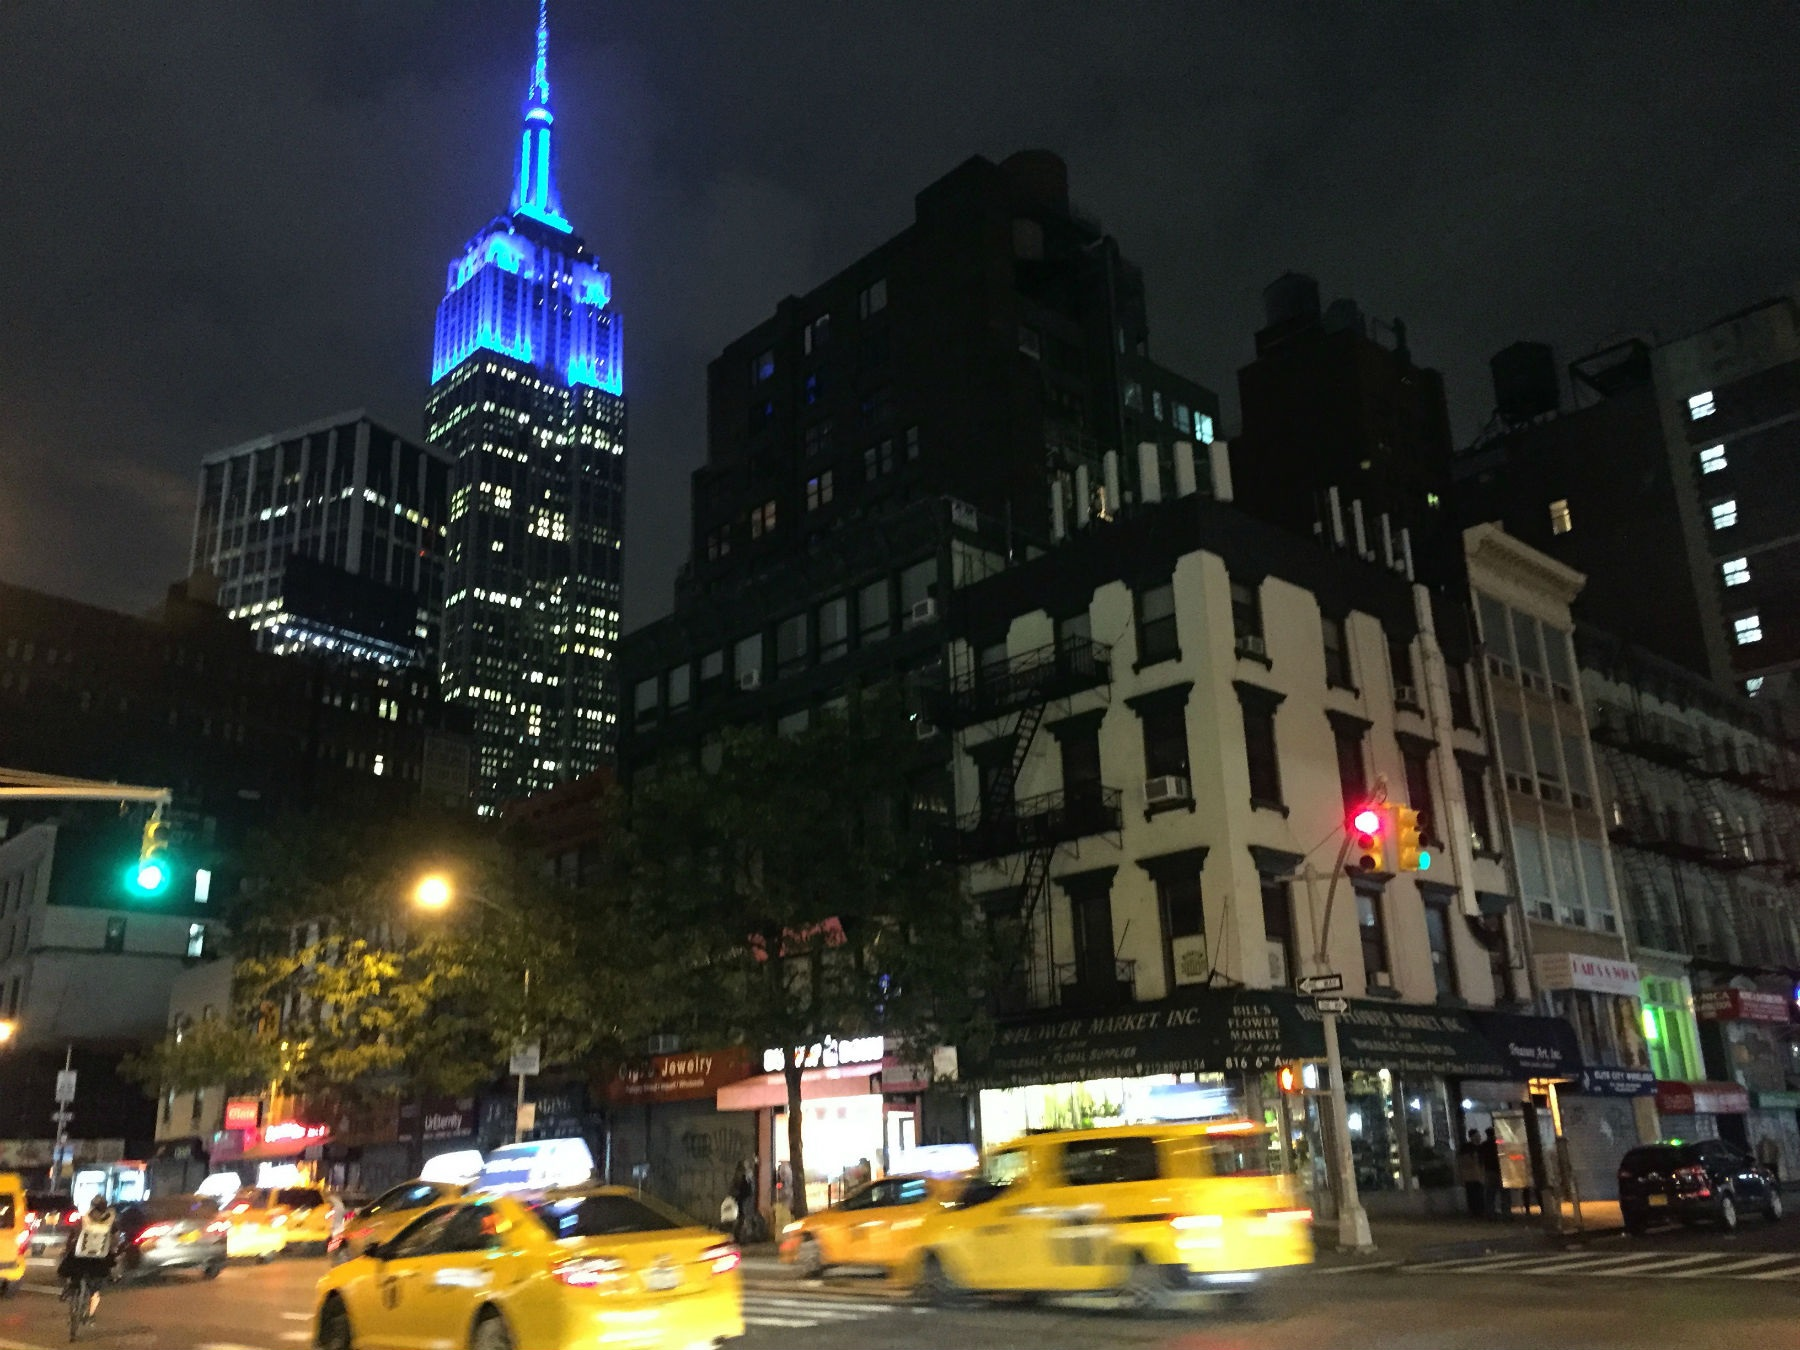 As 1.200 lâmpadas LED do Empire State Building foram instaladas há quatro anos e iluminam intensamente a antena no topo da torre. Foto Carla Lencastre